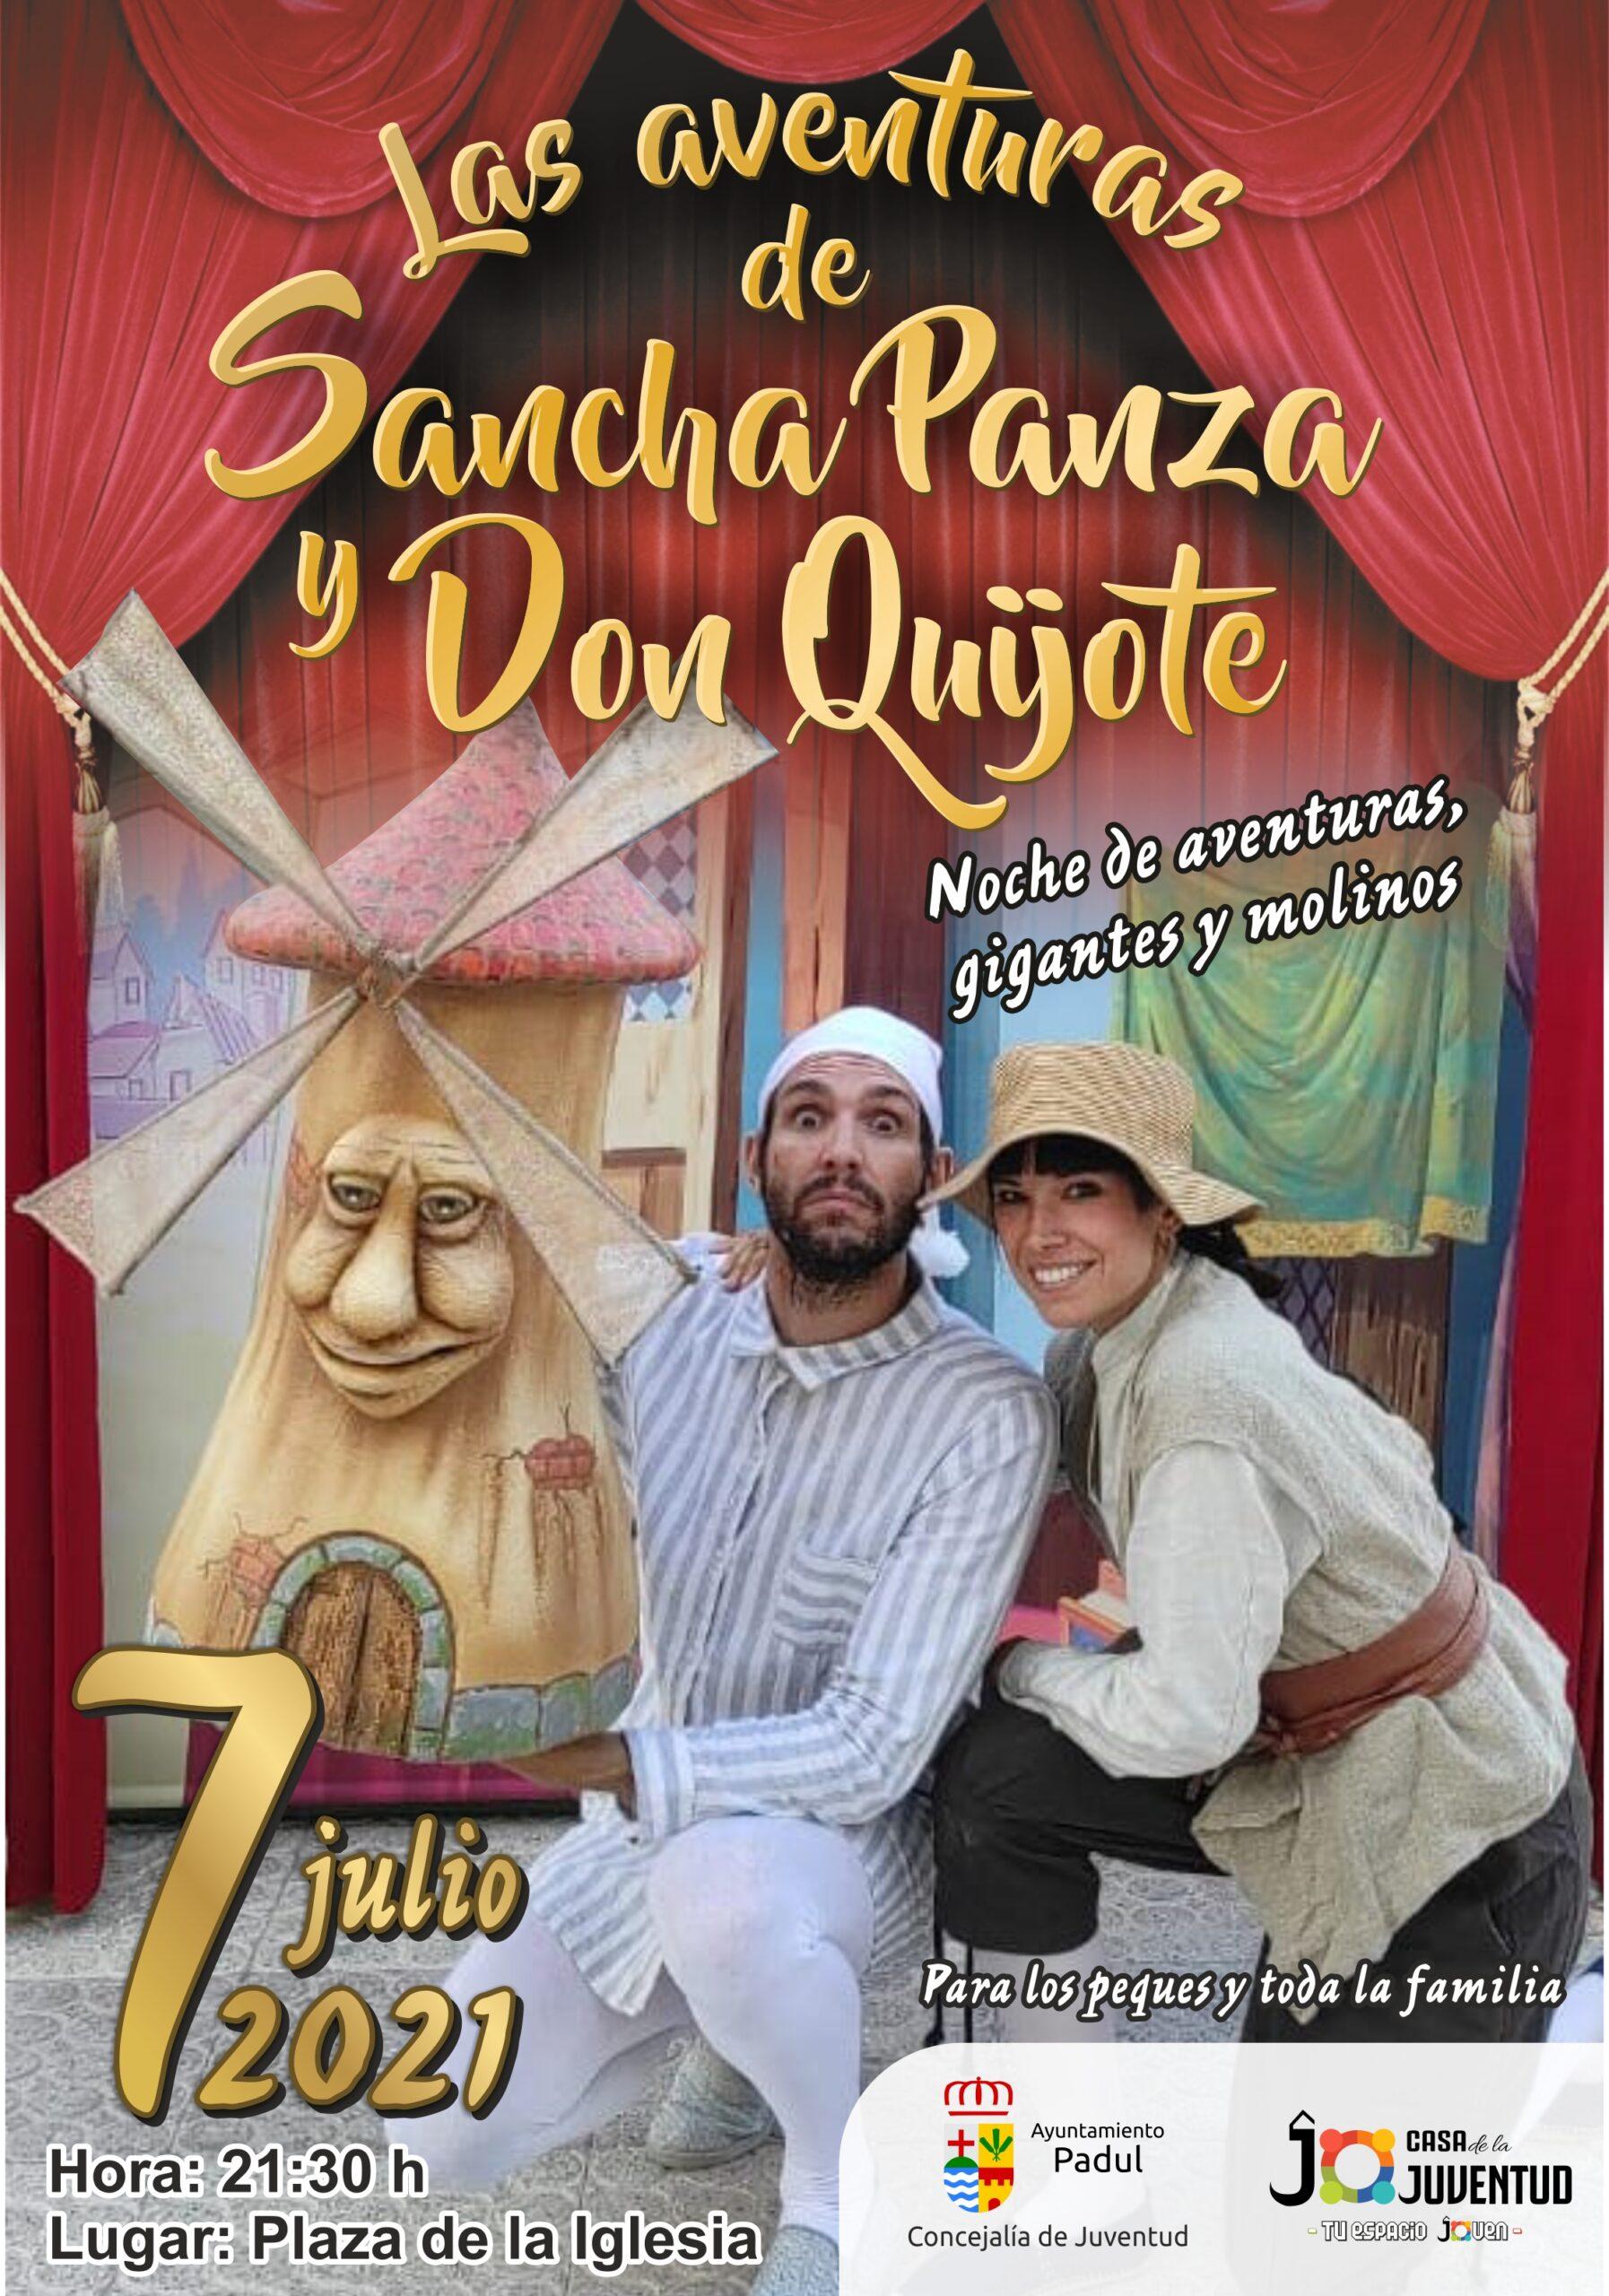 Teatro Sancha Panza